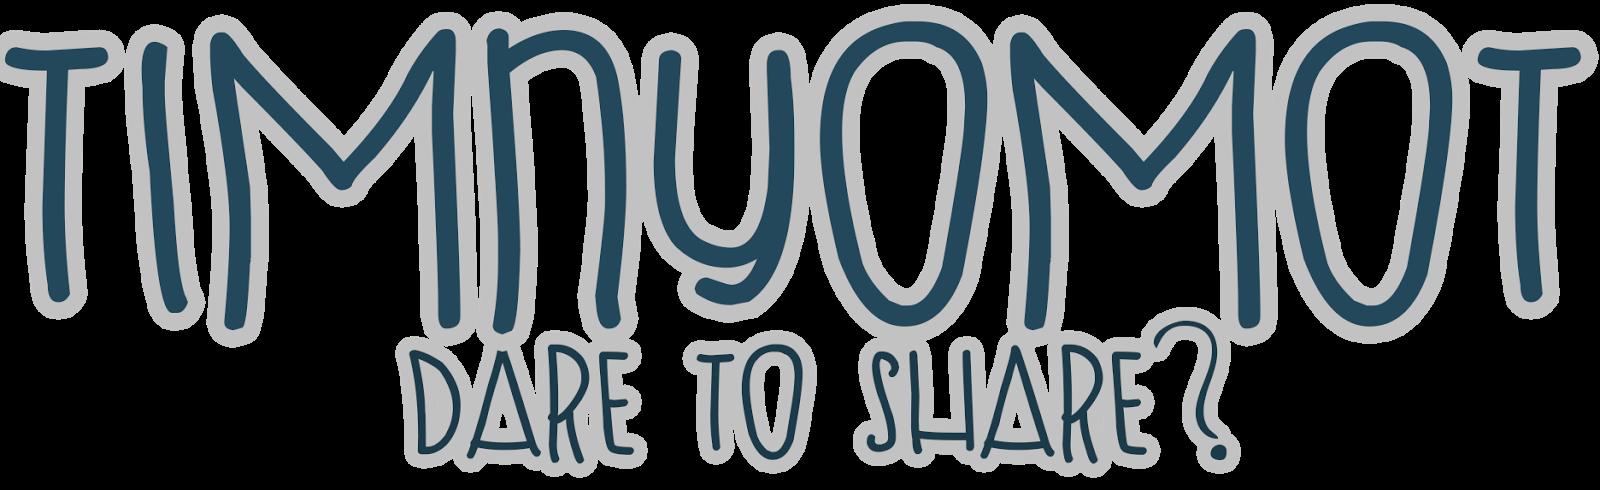 Timnyomot | Dare to Share?